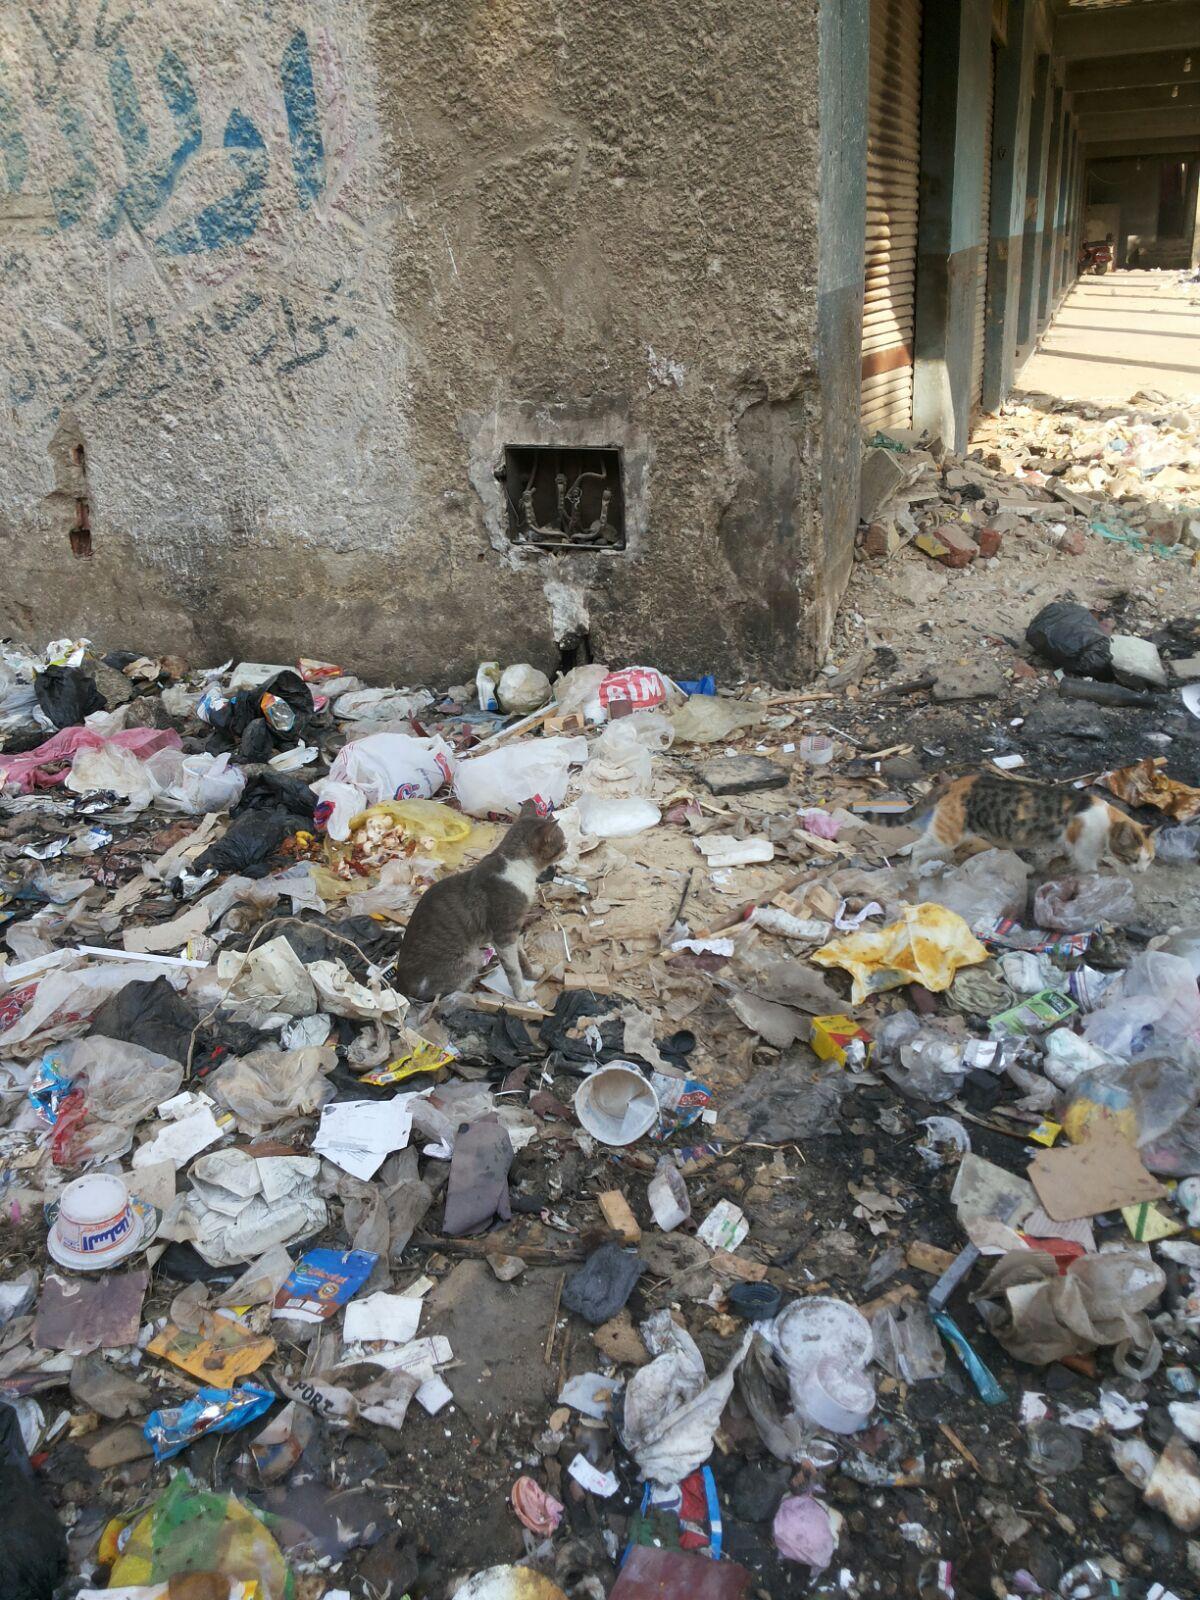 نقاط توزيع الكهرباء في مدينة السلام «مكشوفة».. والأطفال عرضة للصعق